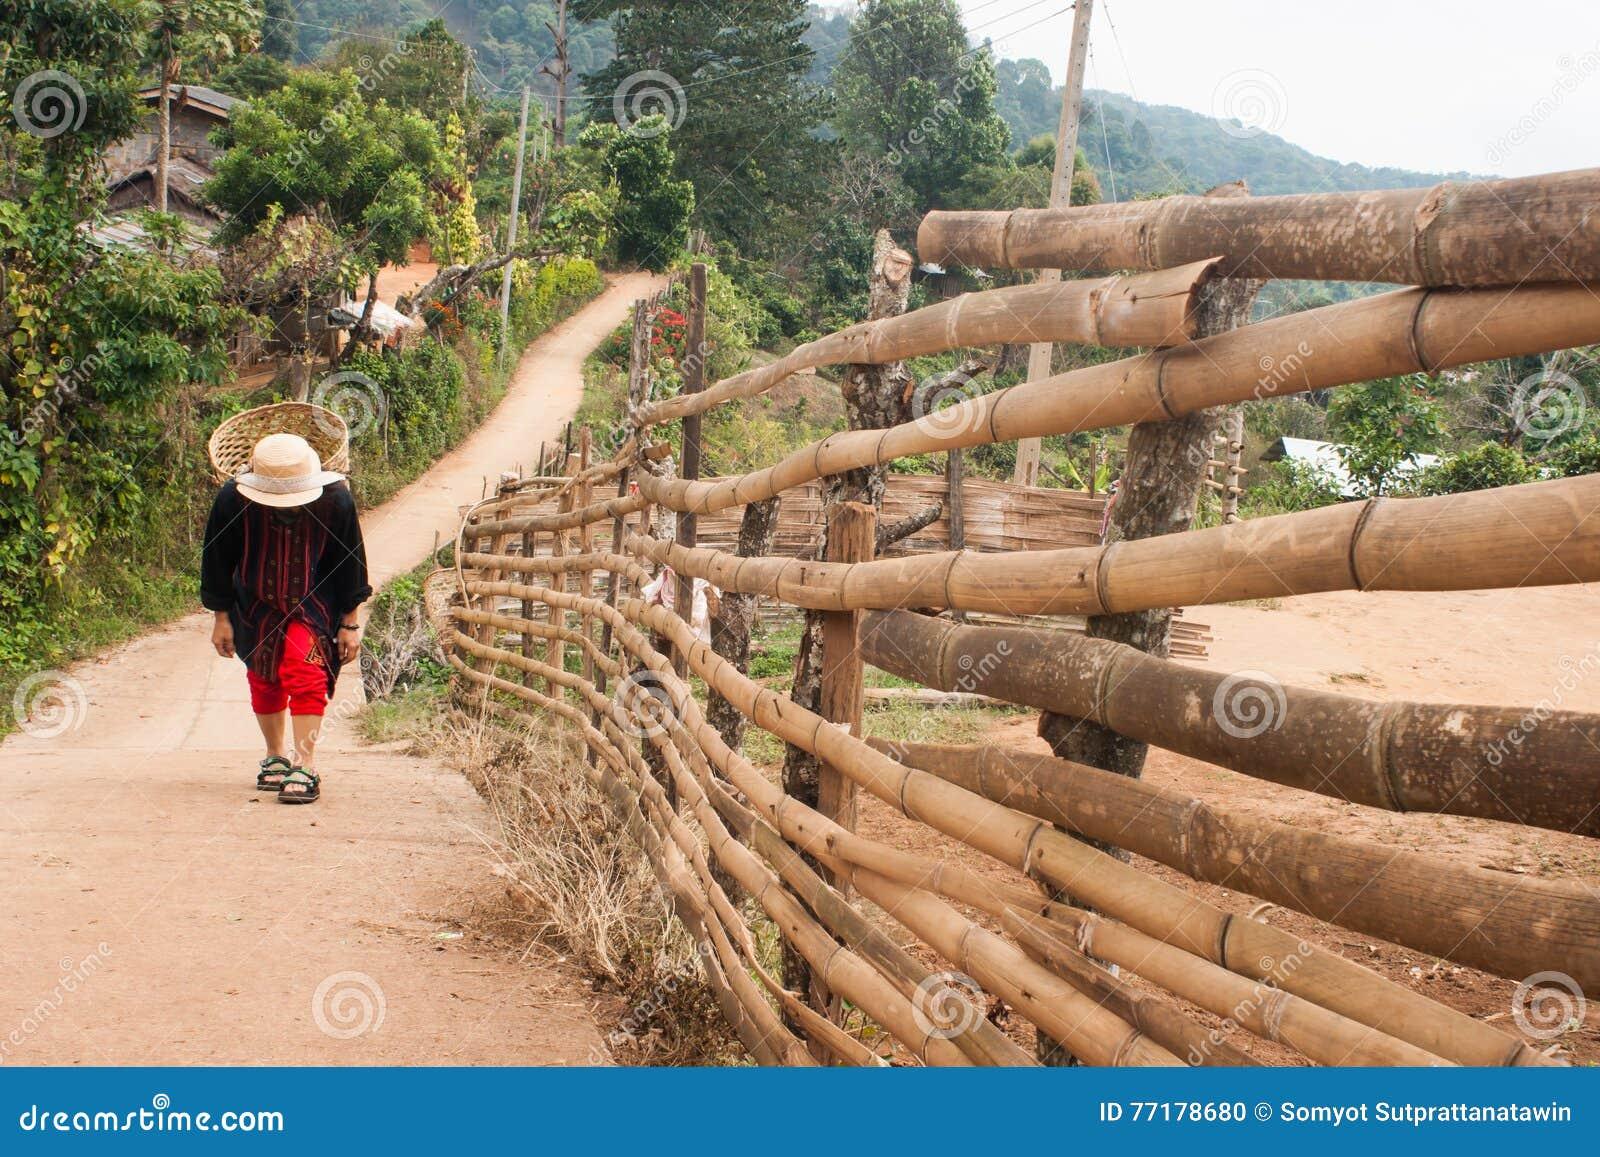 Woman walking rural village